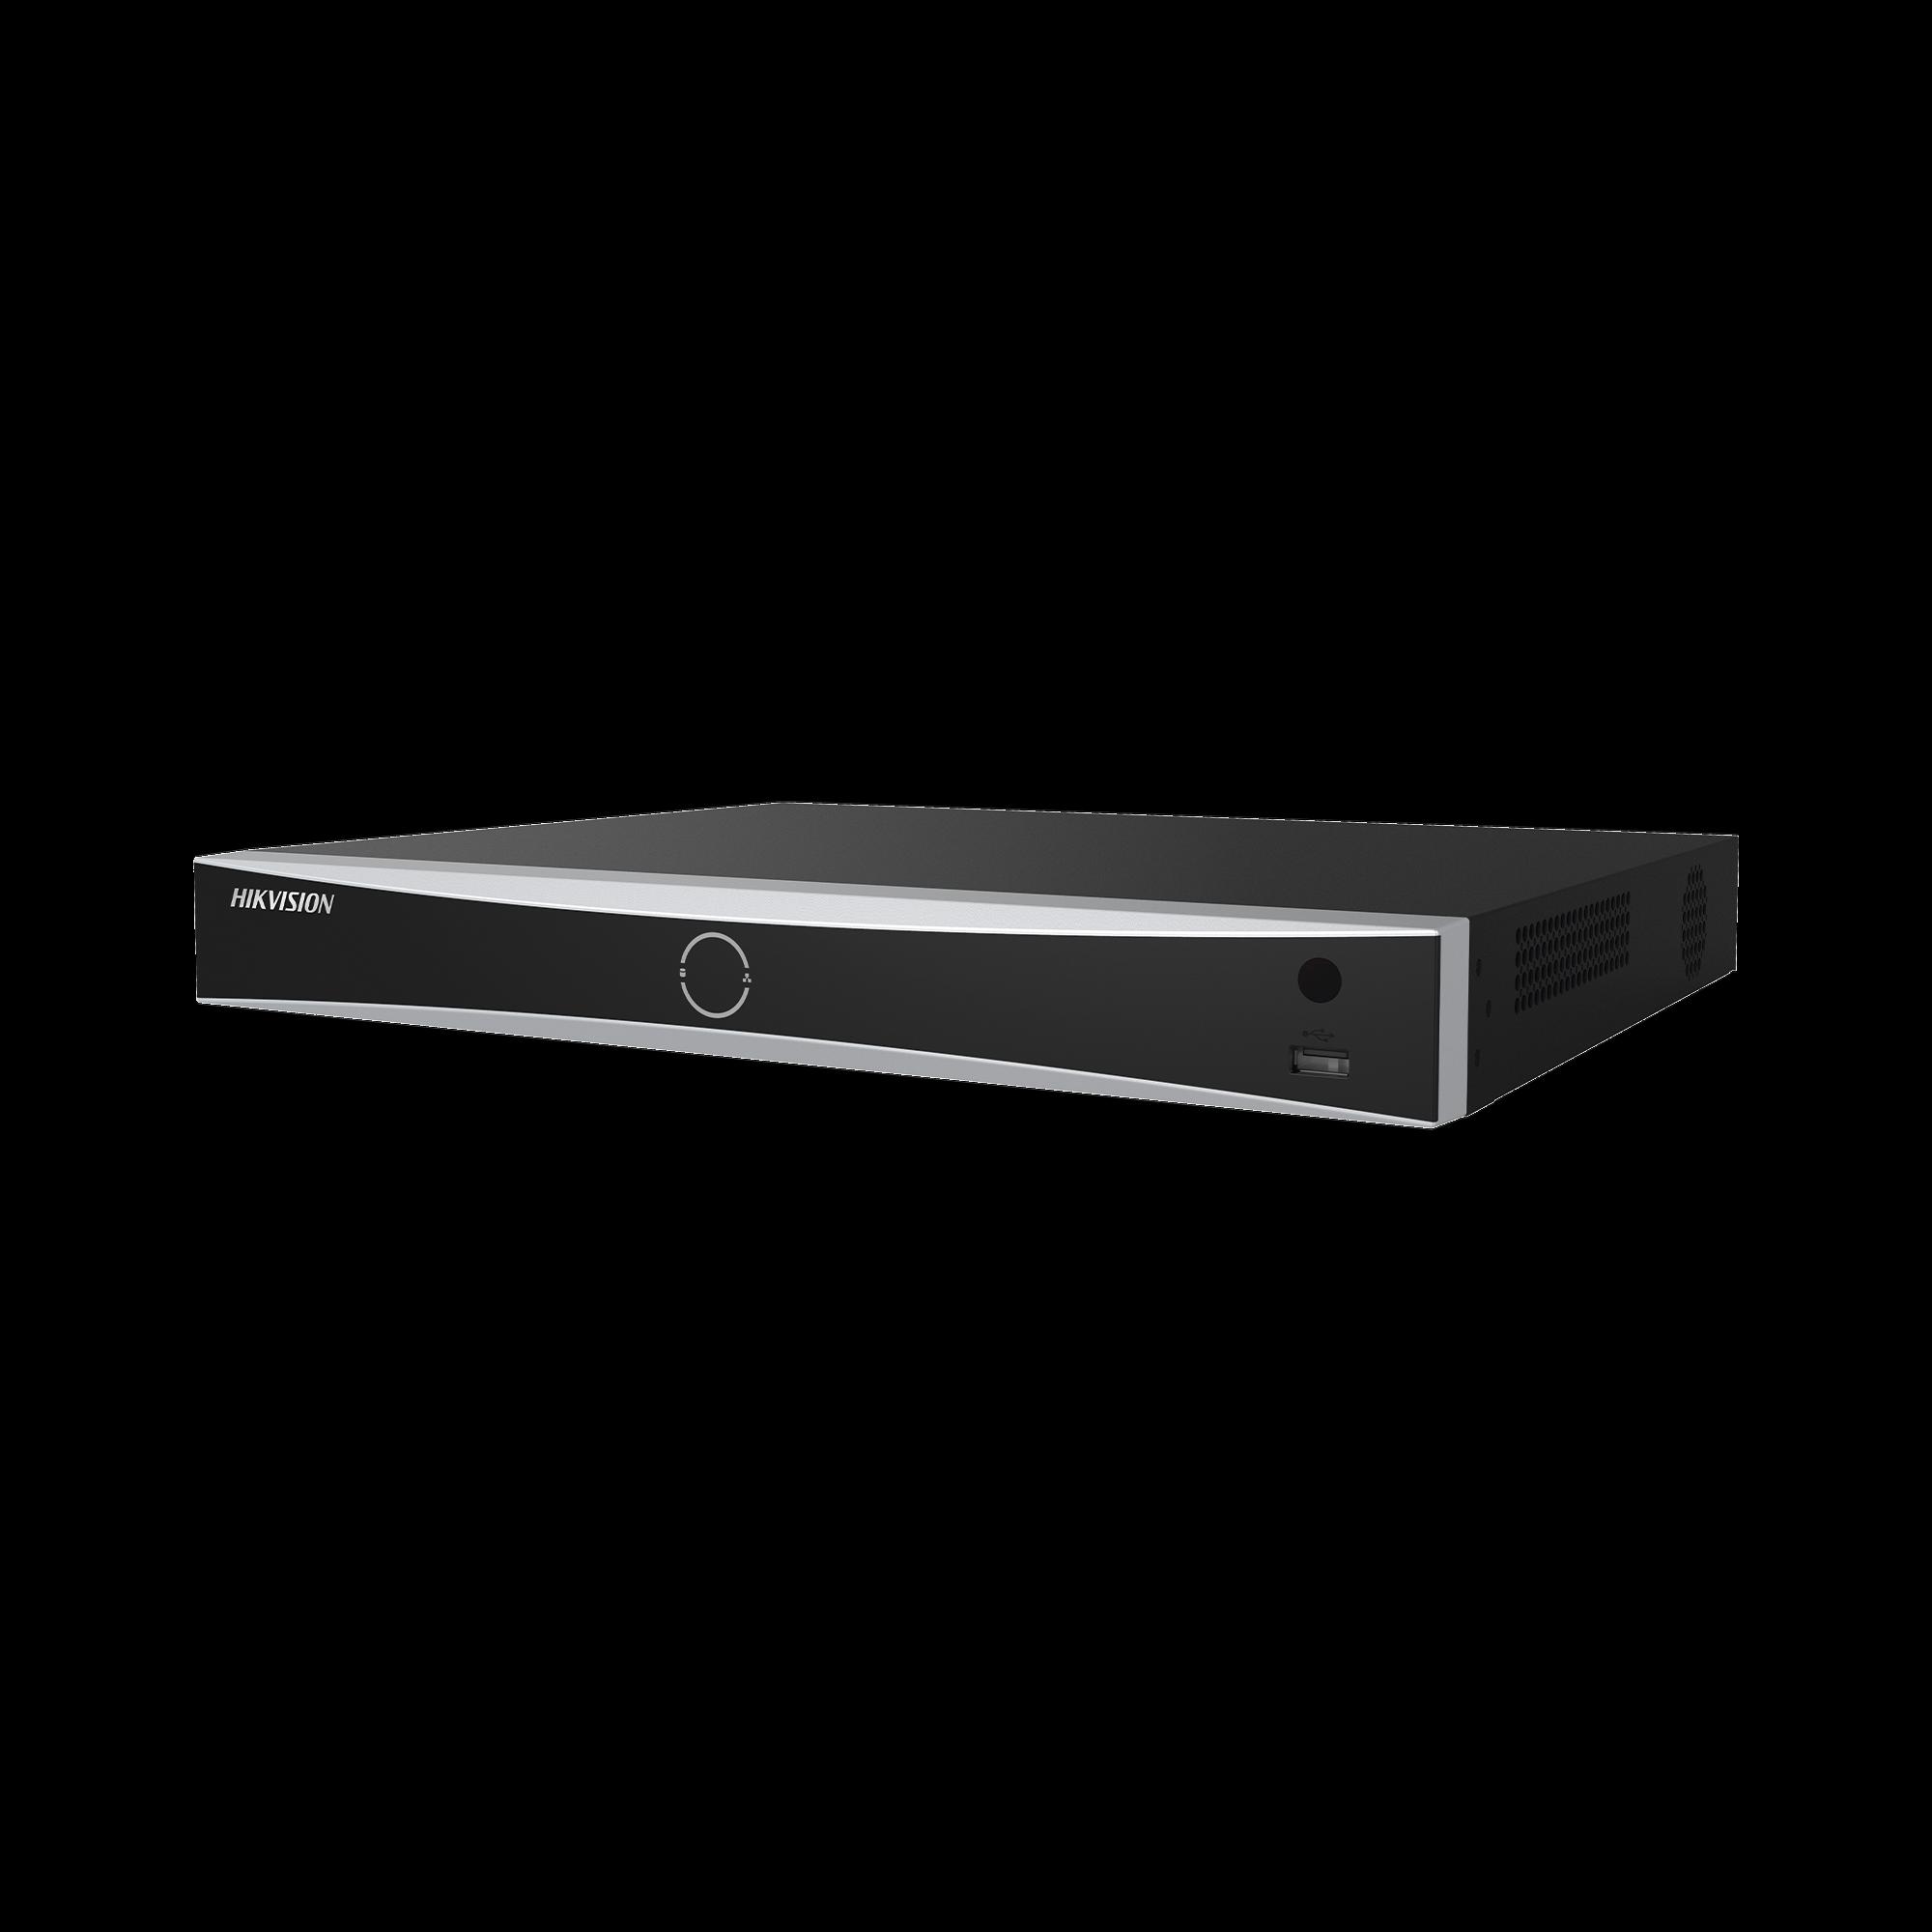 (ACUSENSE / Evita Falsas Alarmas) NVR 12 Megapixel (4K) / Reconocimiento Facial / 8 Canales IP / Base de Datos / 8 Puertos PoE+ / 2 Bahías de Disco Duro